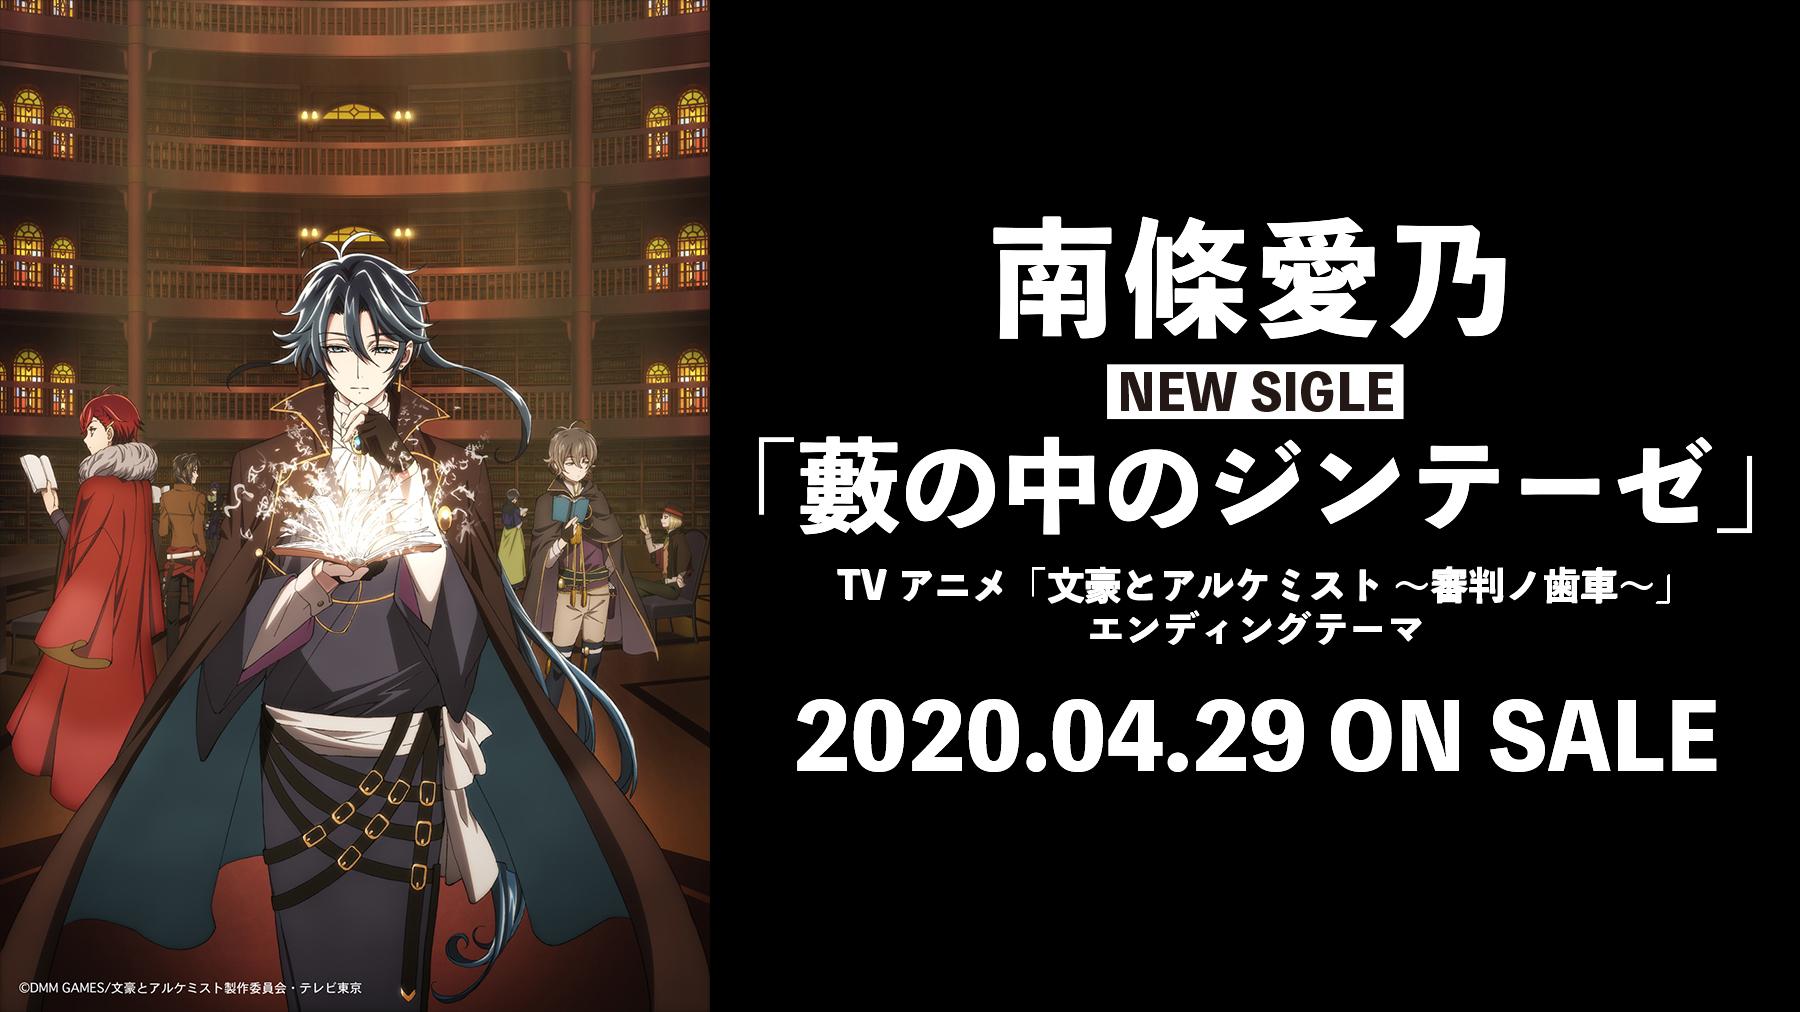 (C)DMM GAMES/文豪とアルケミスト製作委員会・テレビ東京